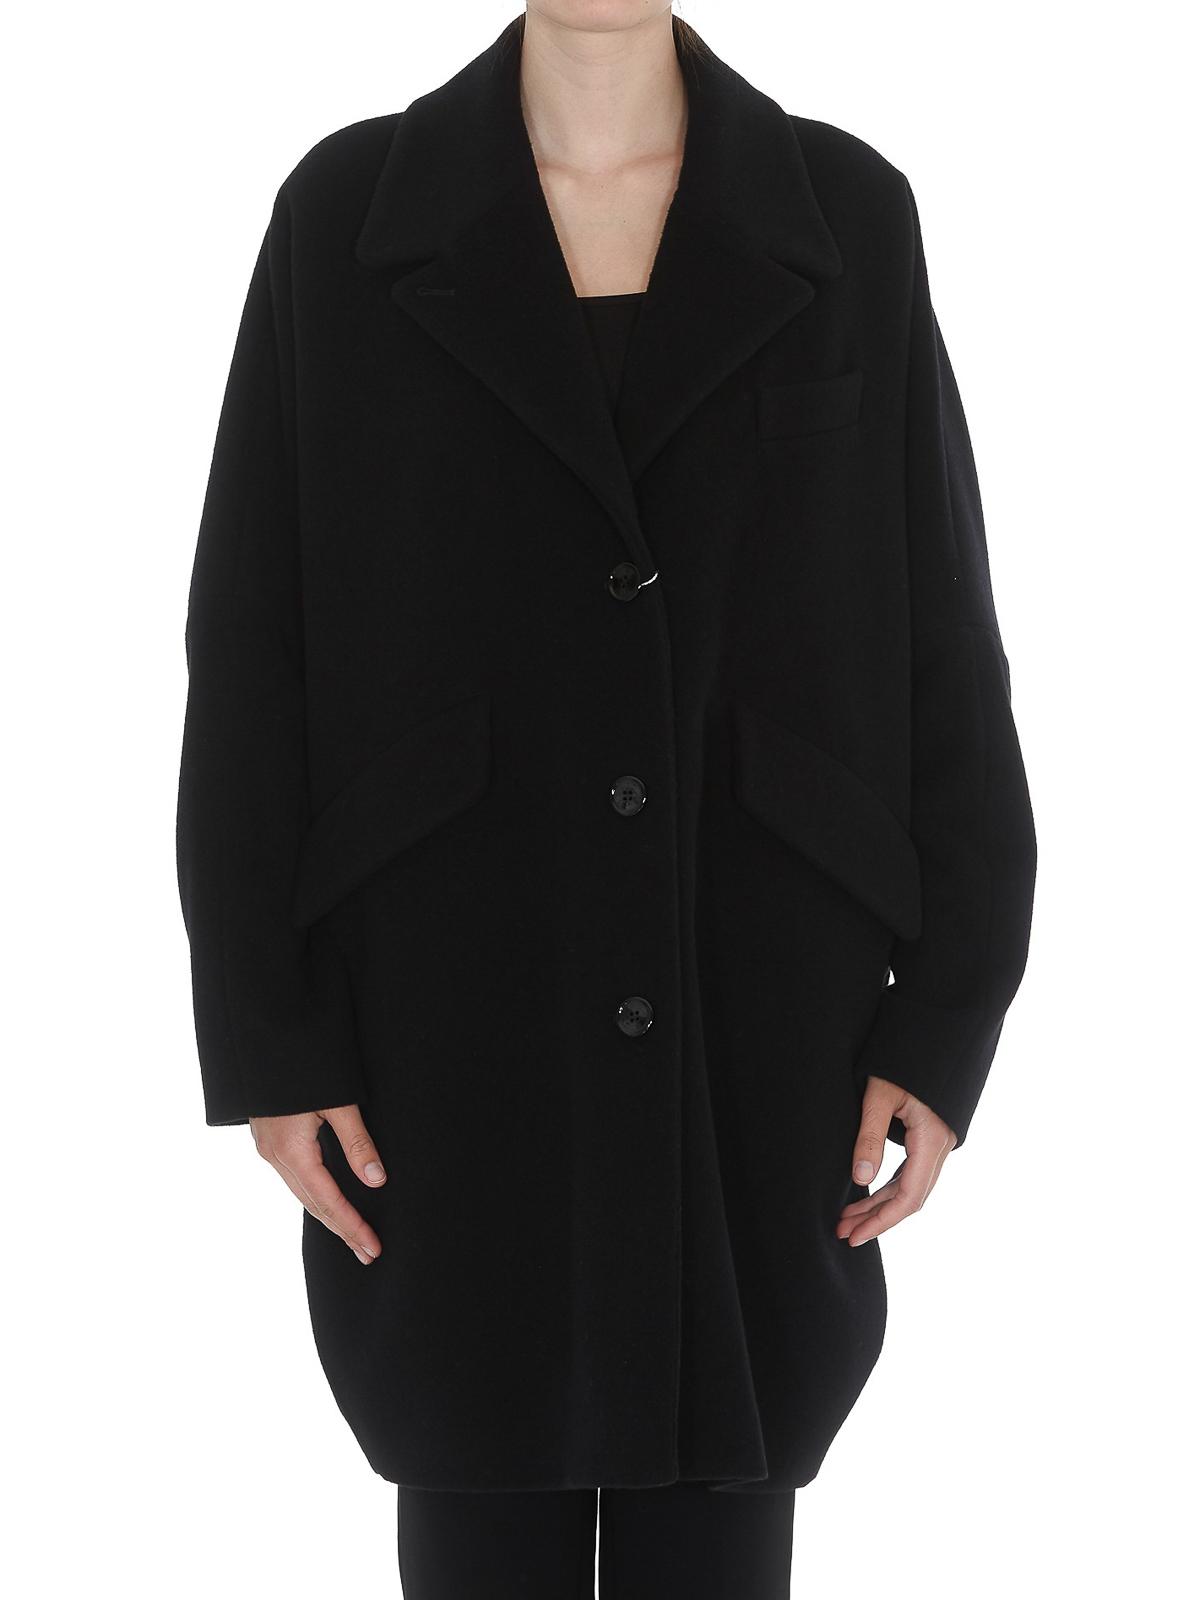 Coat Margiela Maison Blend Oversized Wool Short Mm6 rQWBeEdCxo